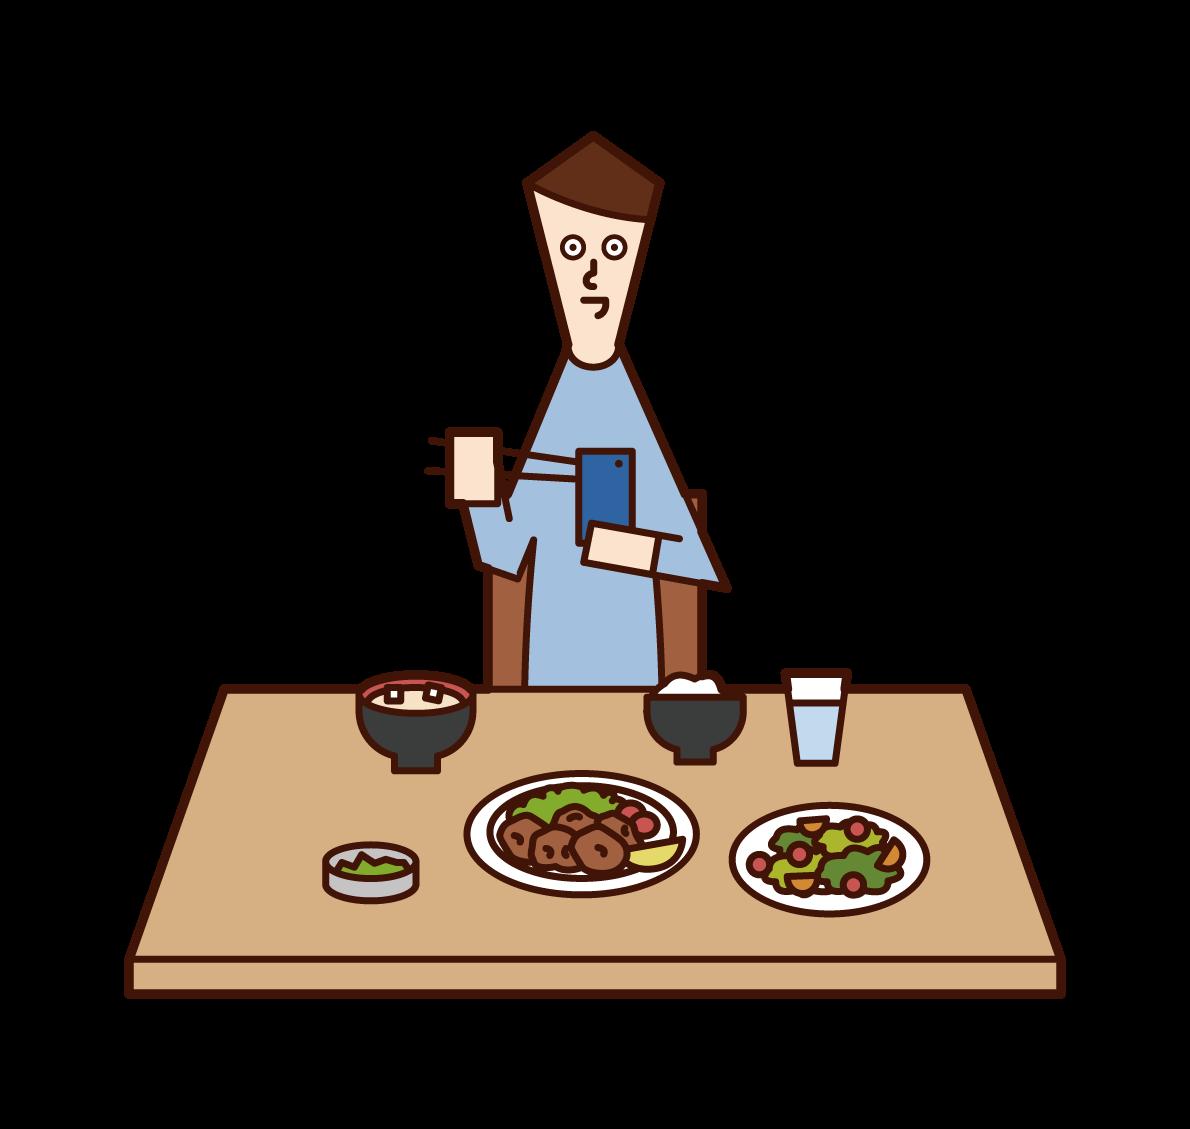 食事中にスマートフォンを使用する人(男性)のイラスト